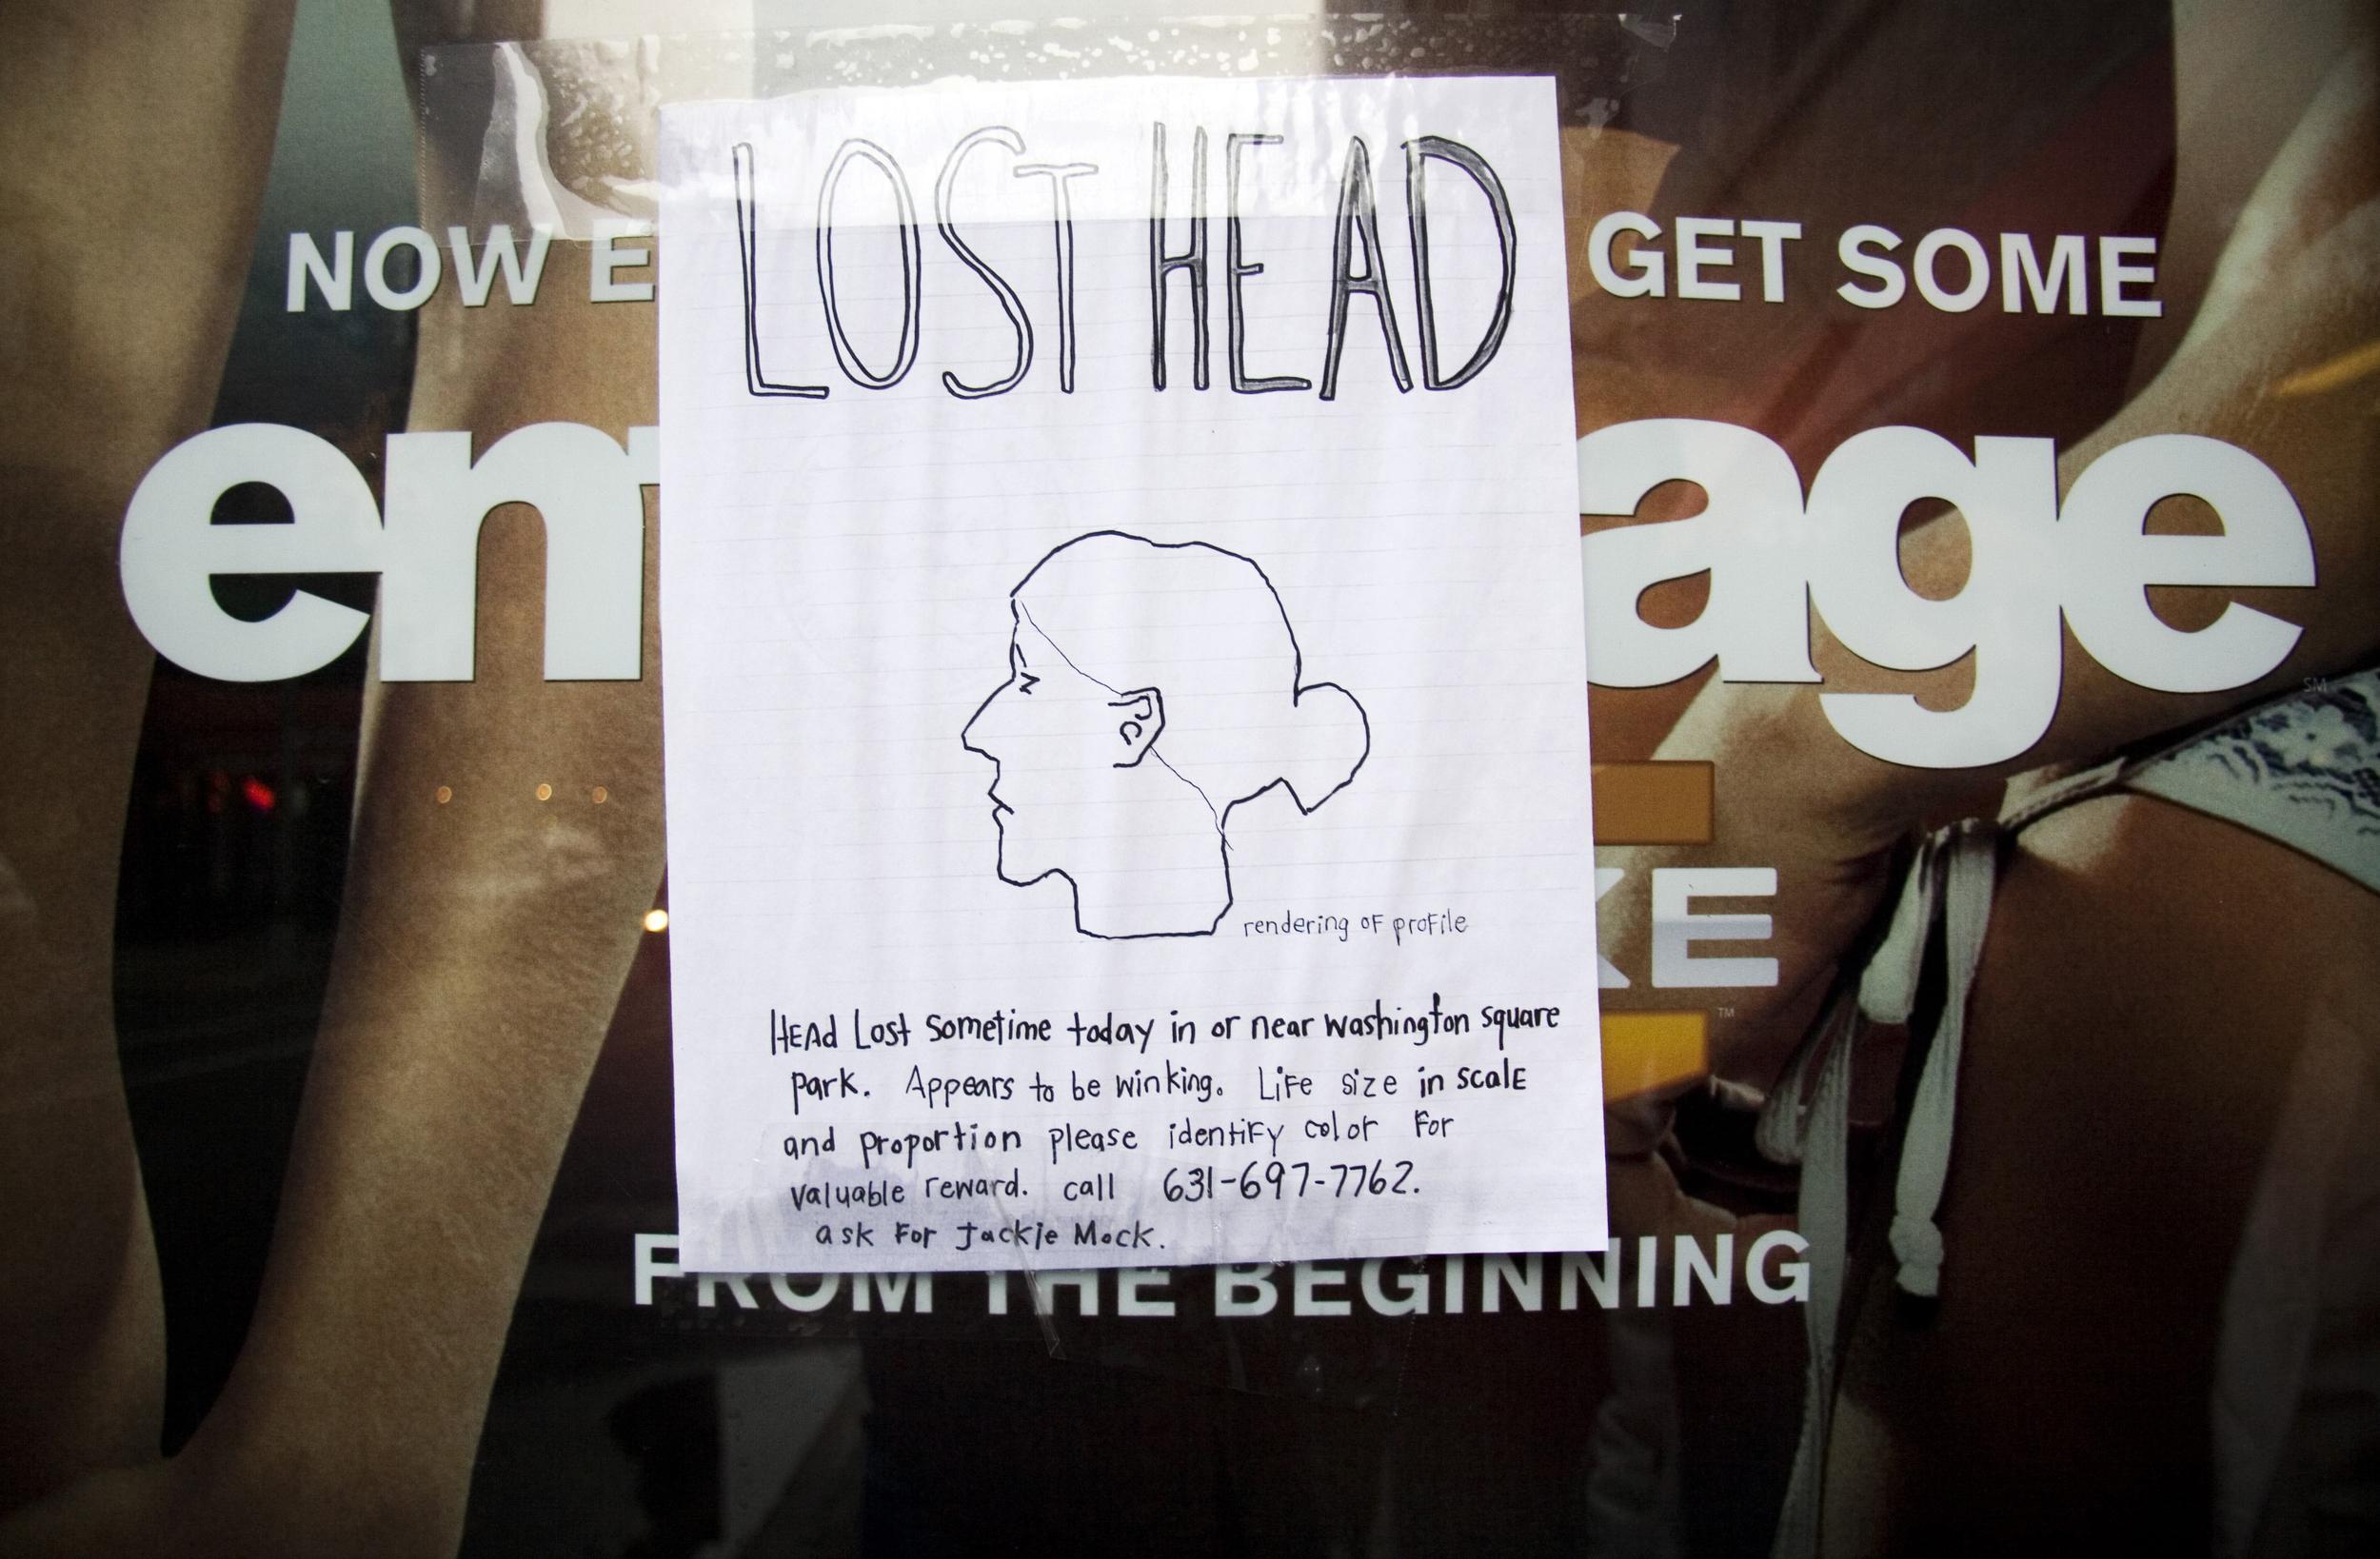 Houser_K_NYC_LostHead2.jpg